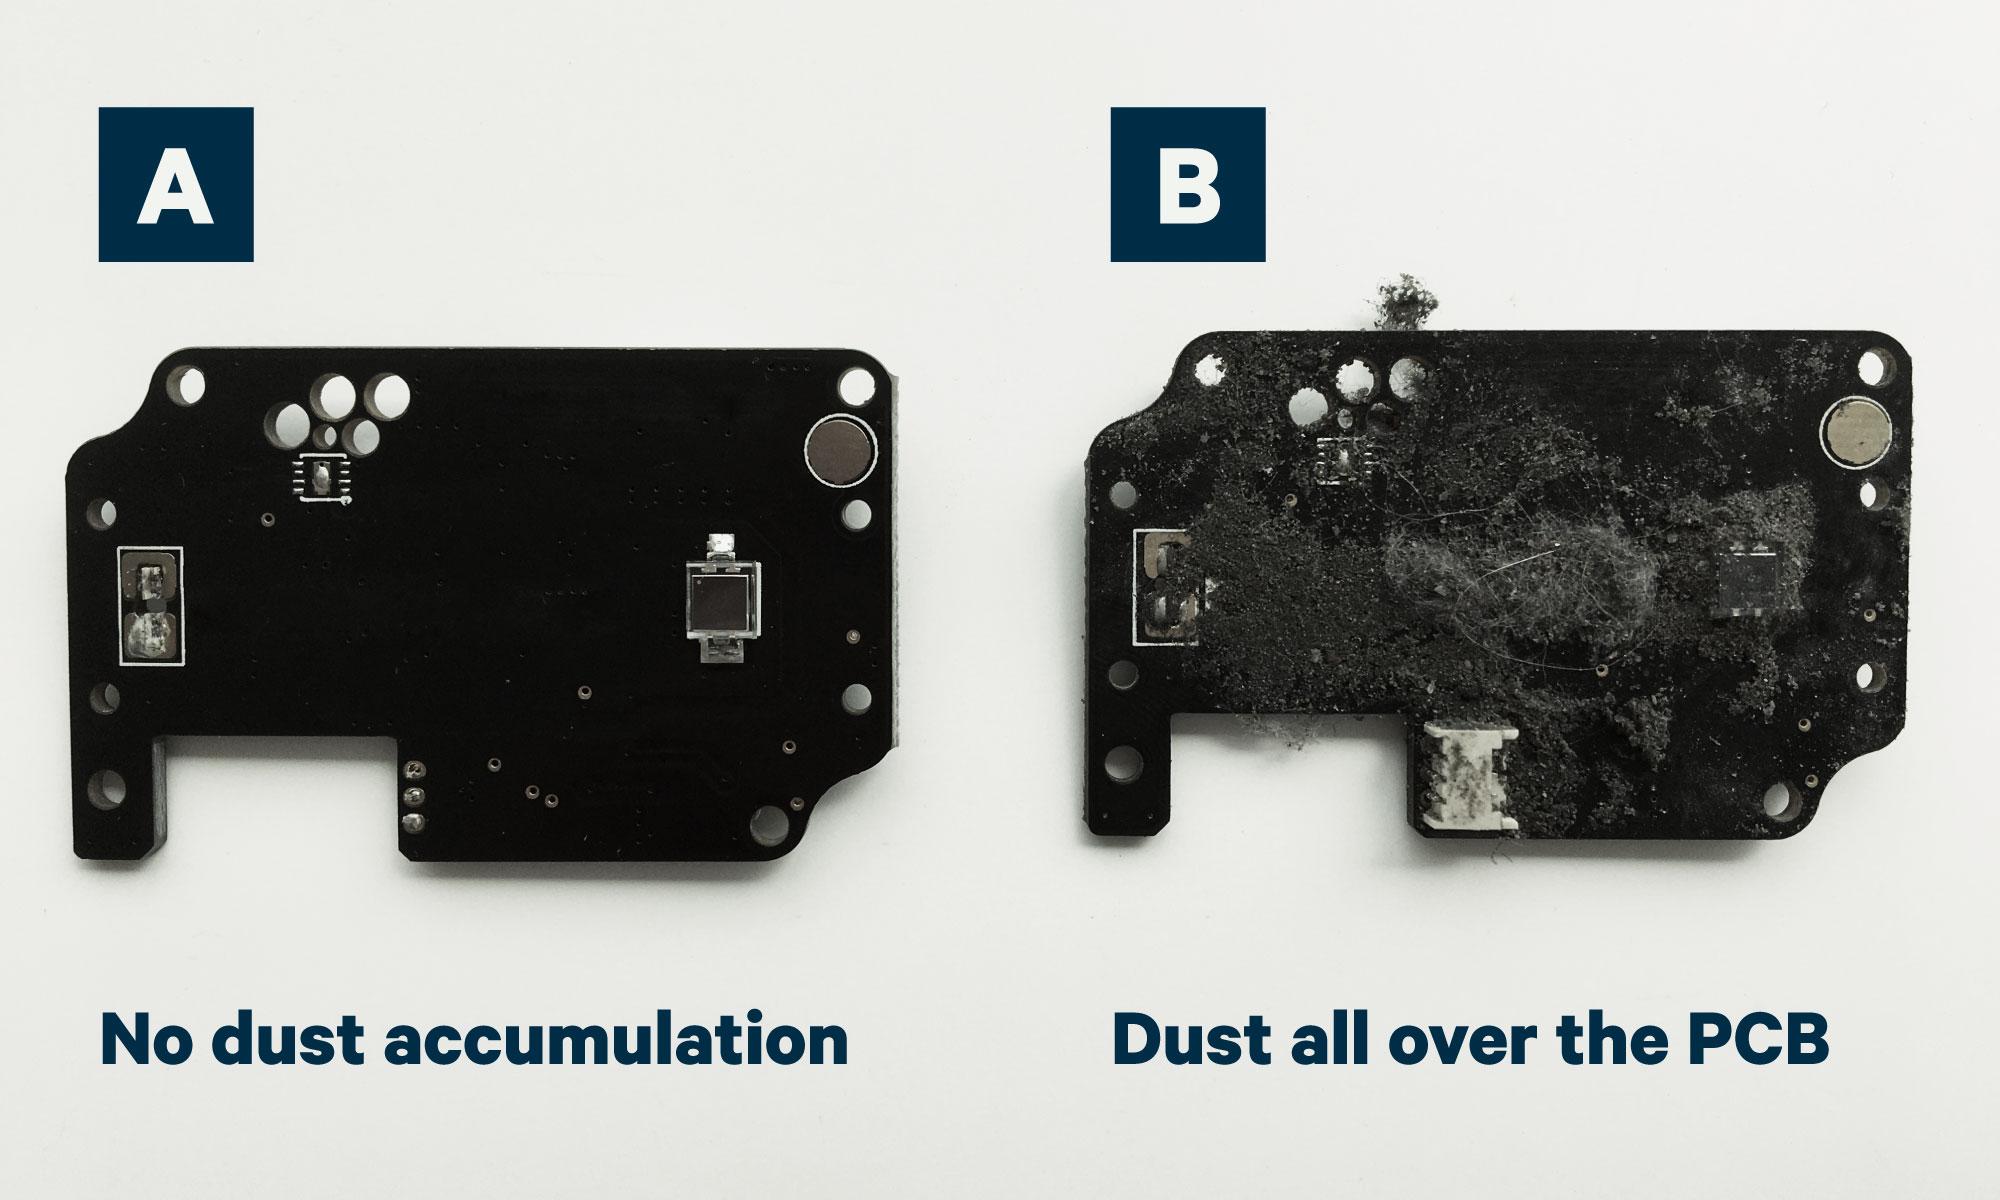 PCB-dust-comparison